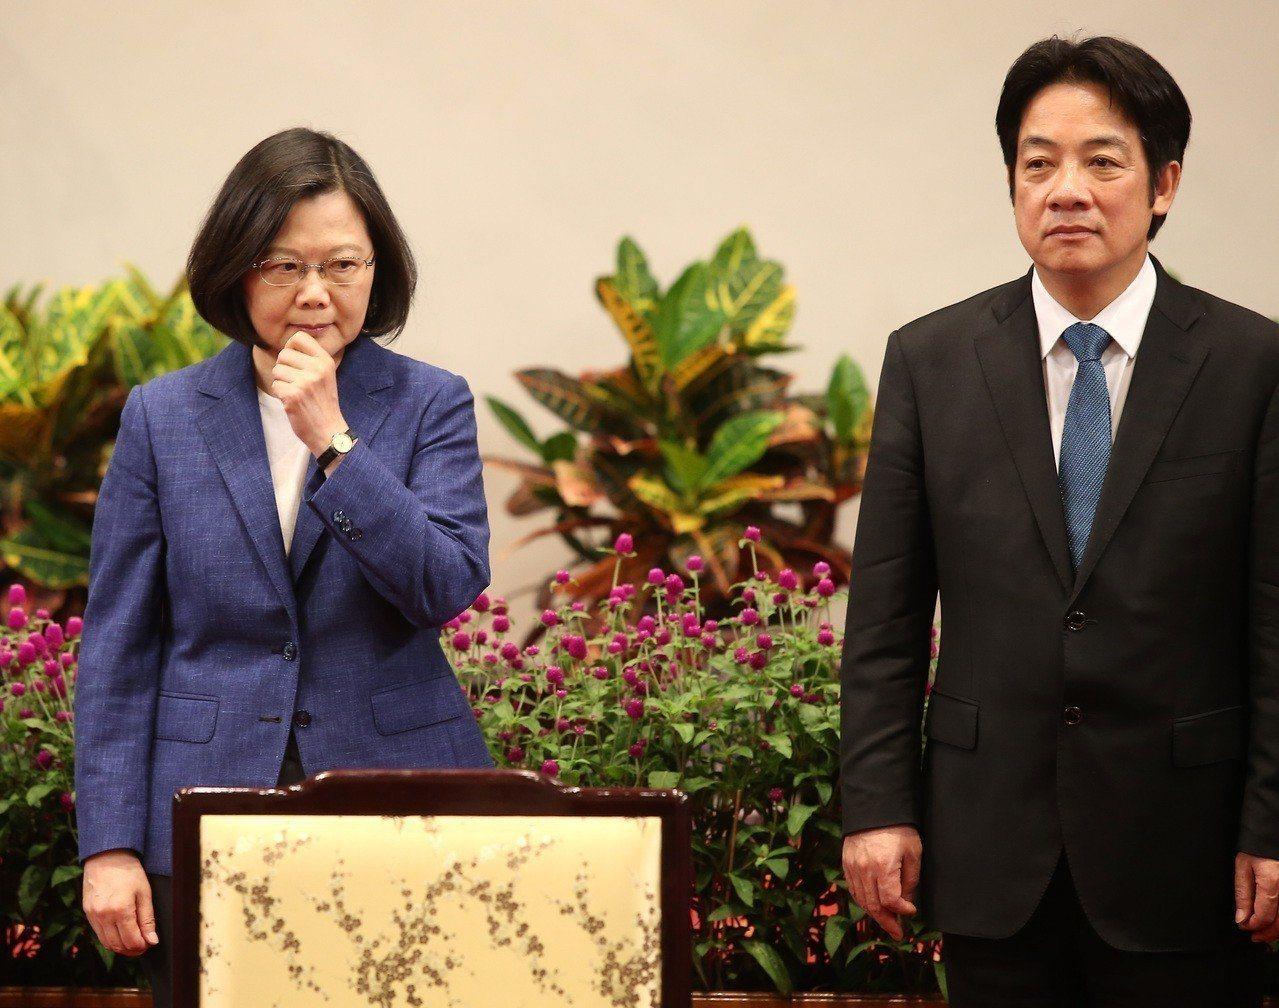 2020鎖定韓國瑜,蔡打國政、賴搶話語權。本報資料照片